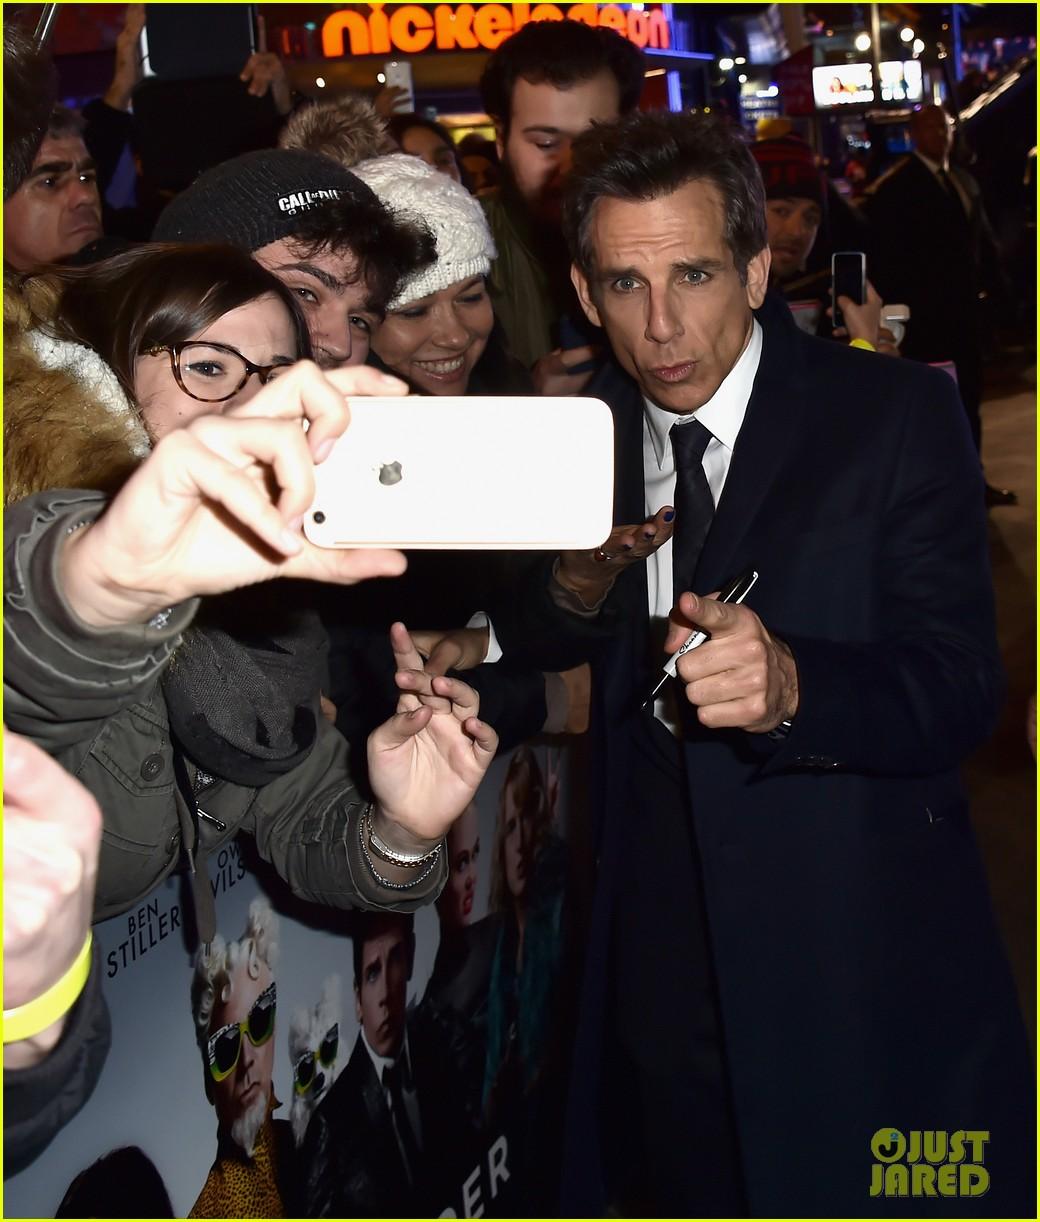 Ben Stiller Sets Longest Selfie Stick Record At Zoolander 2